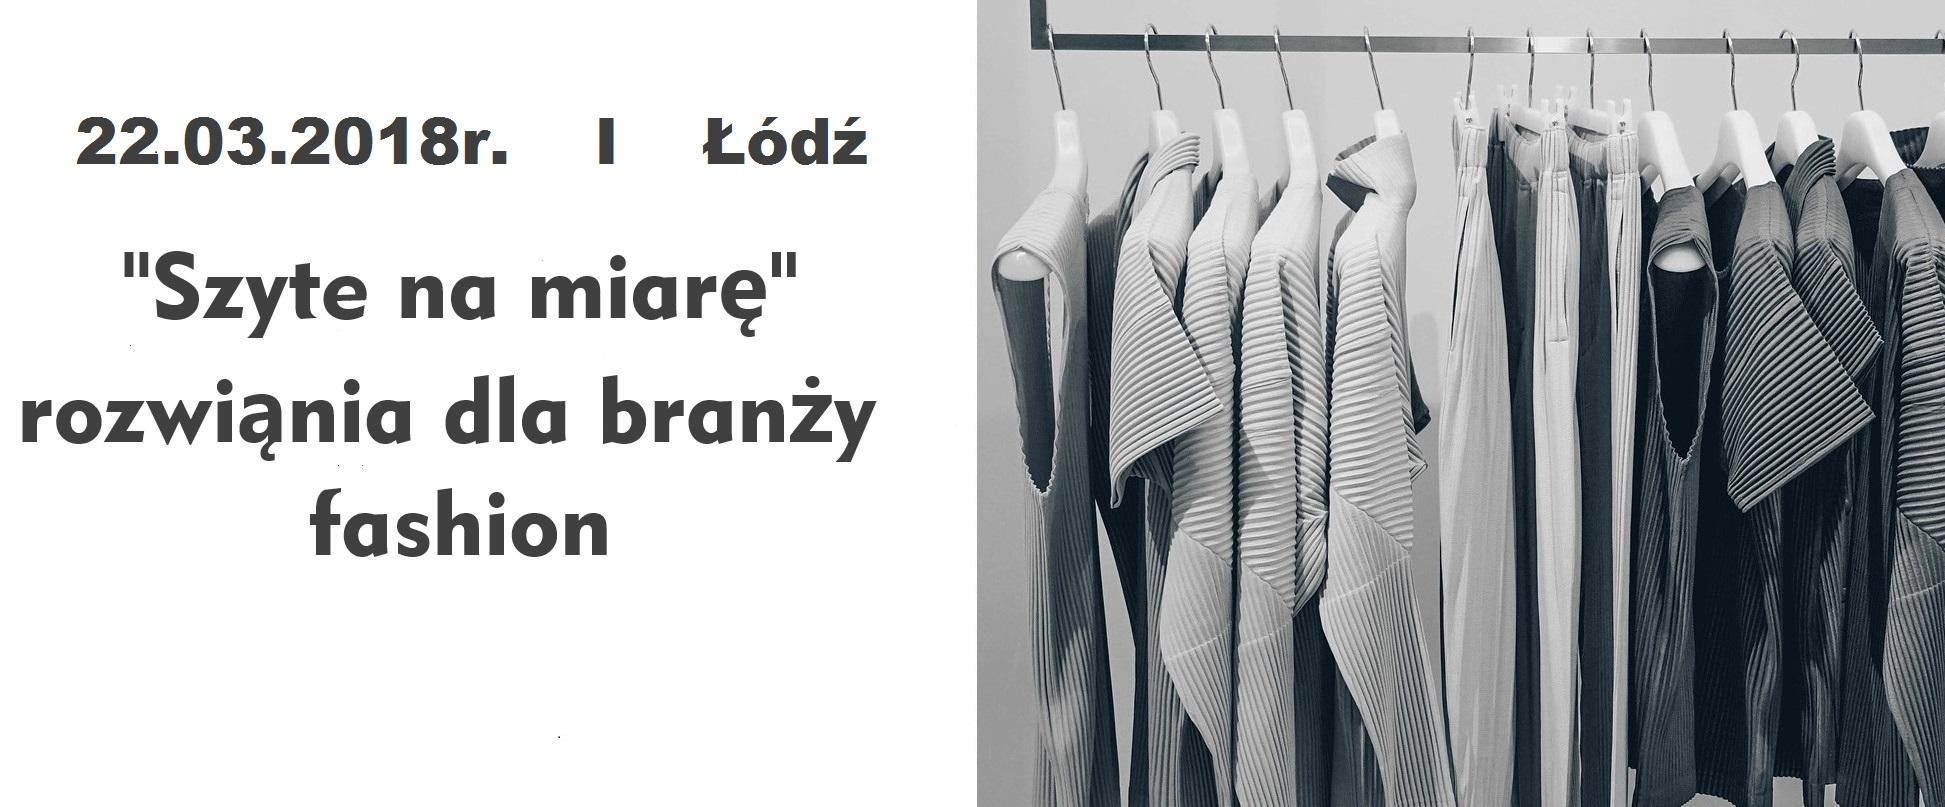 Konferencja Szyte na Miarę w Łodzi 22 marca 2018